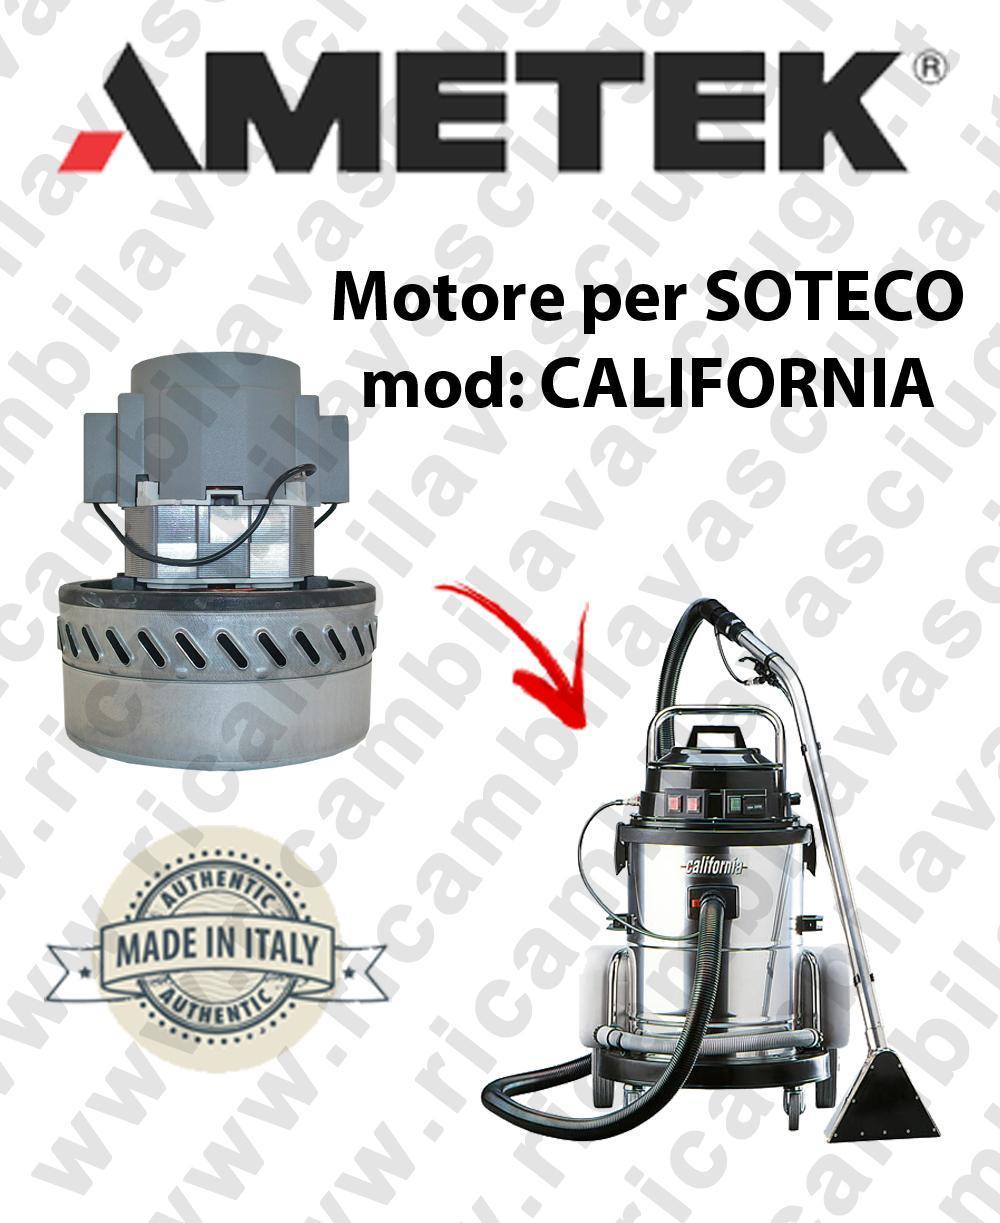 CALIFORNIA Ametek Vacuum Motor for vacuum cleaner SOTECO